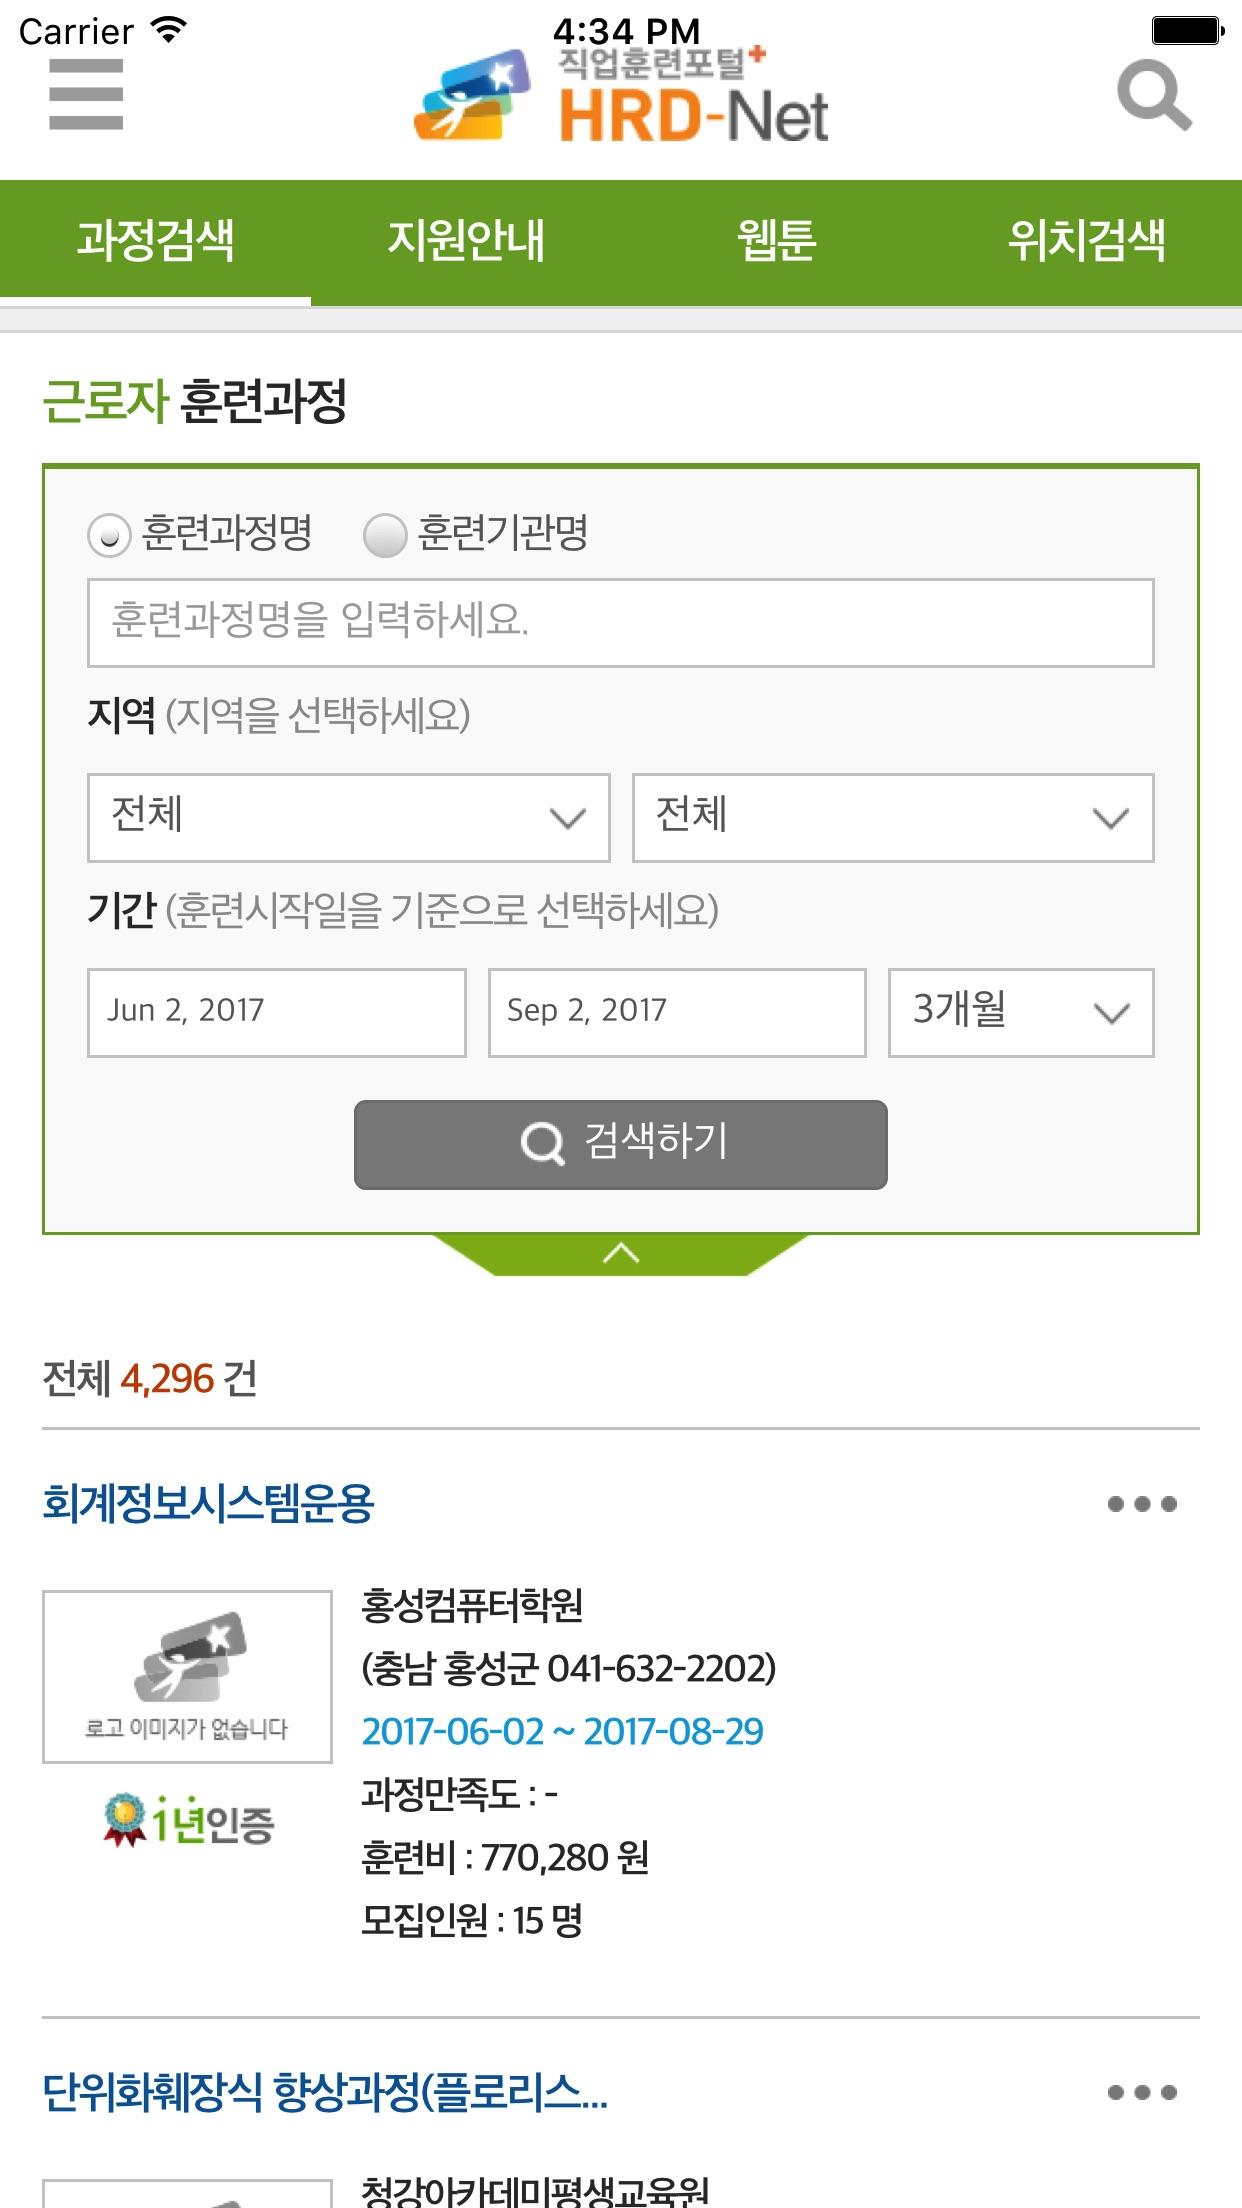 고용노동부 HRD-Net 및 출결관리 Screenshot